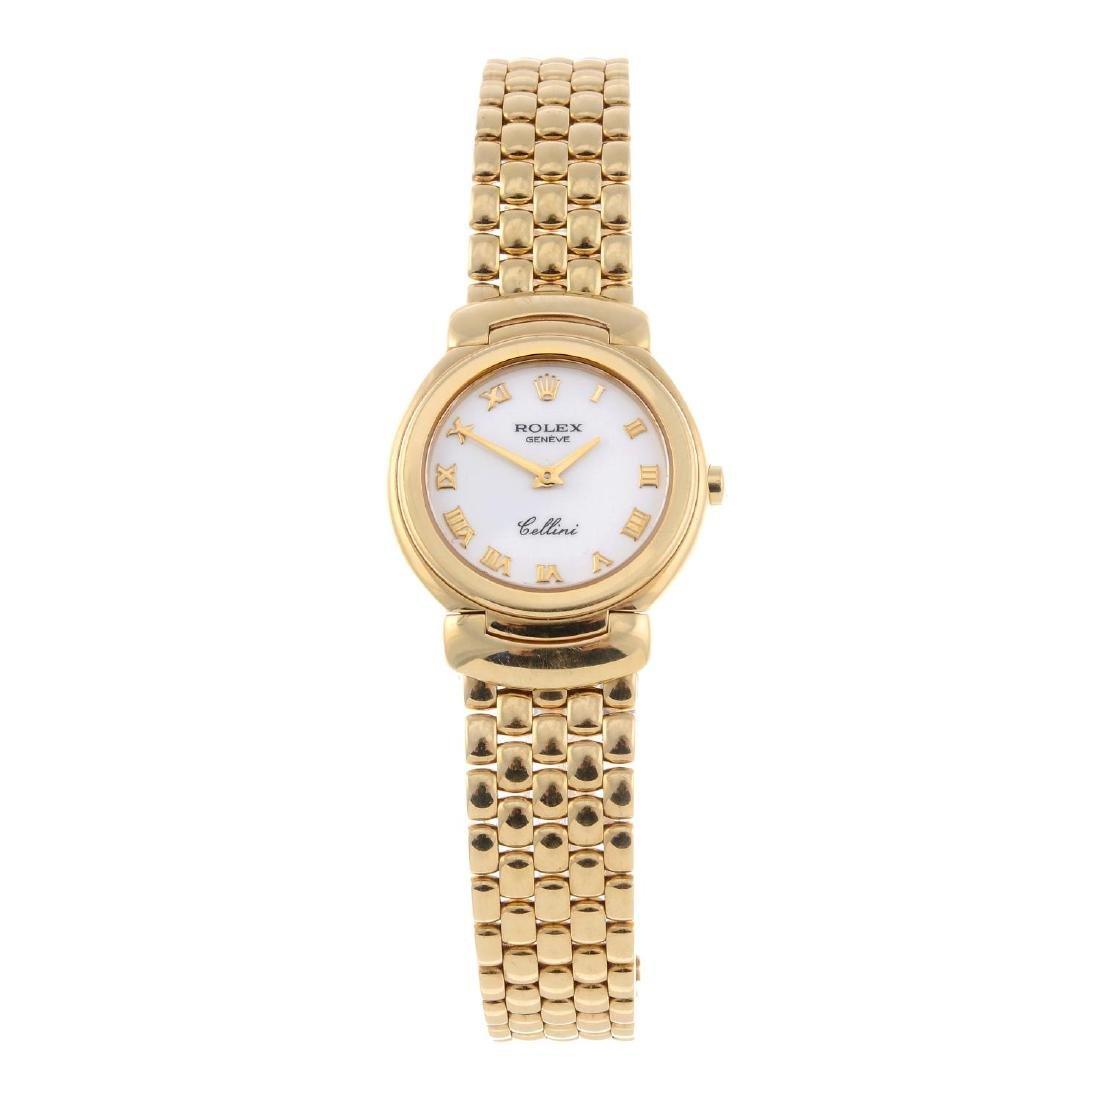 ROLEX - a lady's Cellini bracelet watch. Circa 2001.